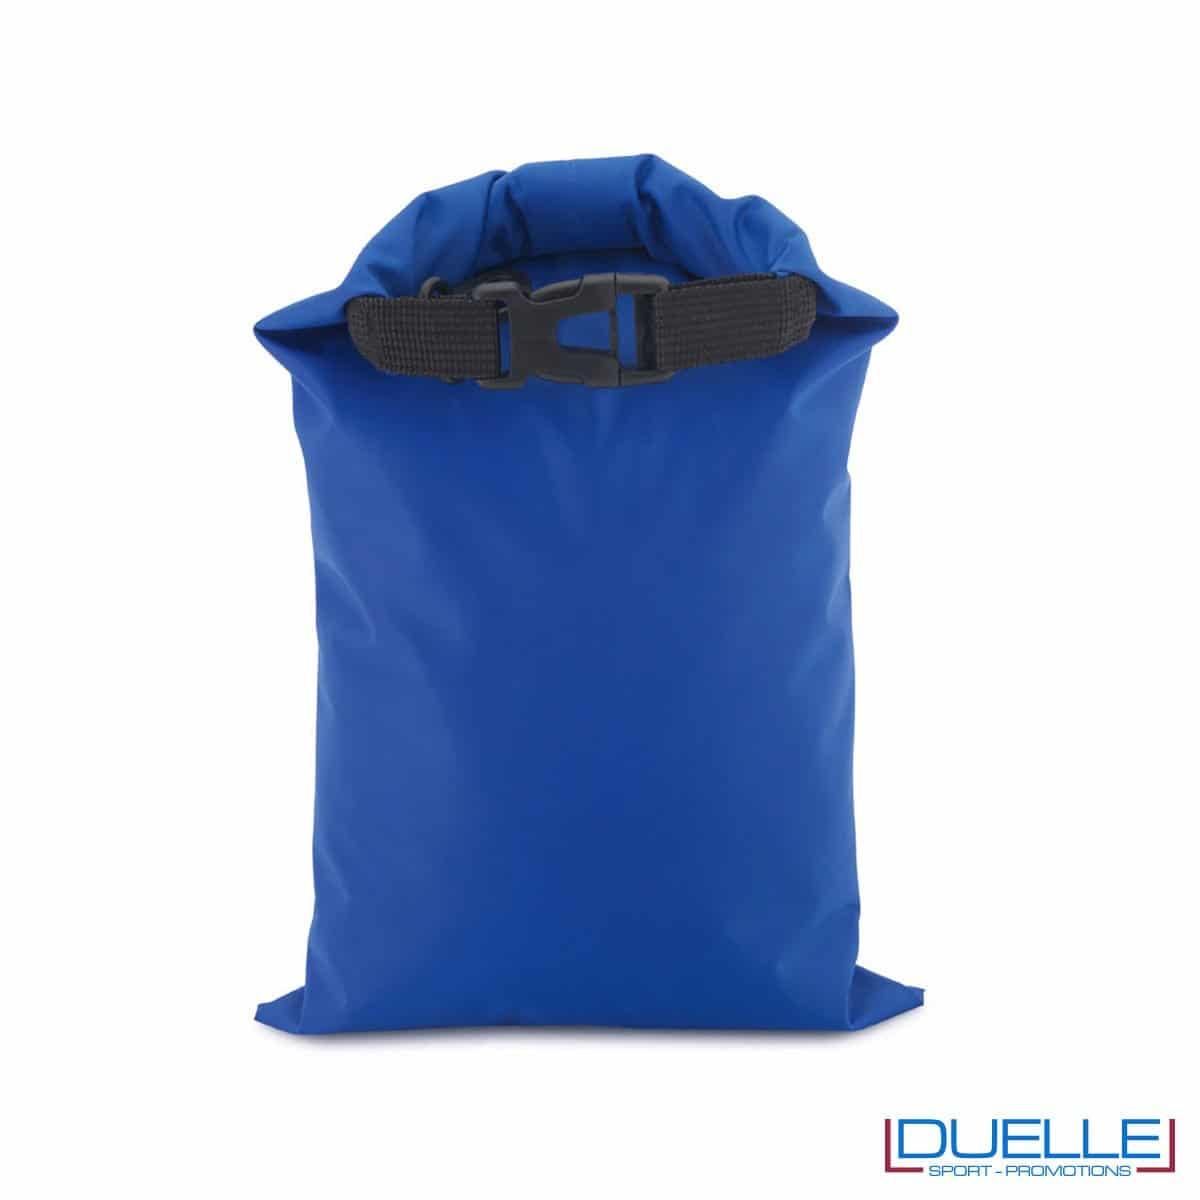 Zaino impermeabile personalizzato colore blu royal